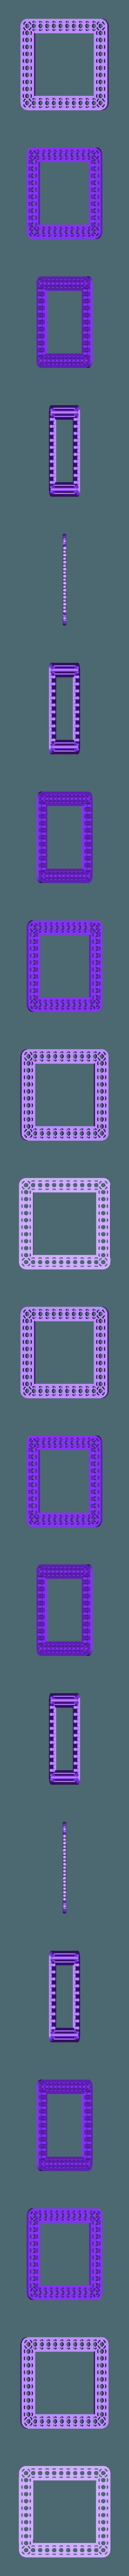 square_12_12.STL Télécharger fichier STL gratuit MEGA Expansion 200+ Pièces • Plan à imprimer en 3D, Pwentey